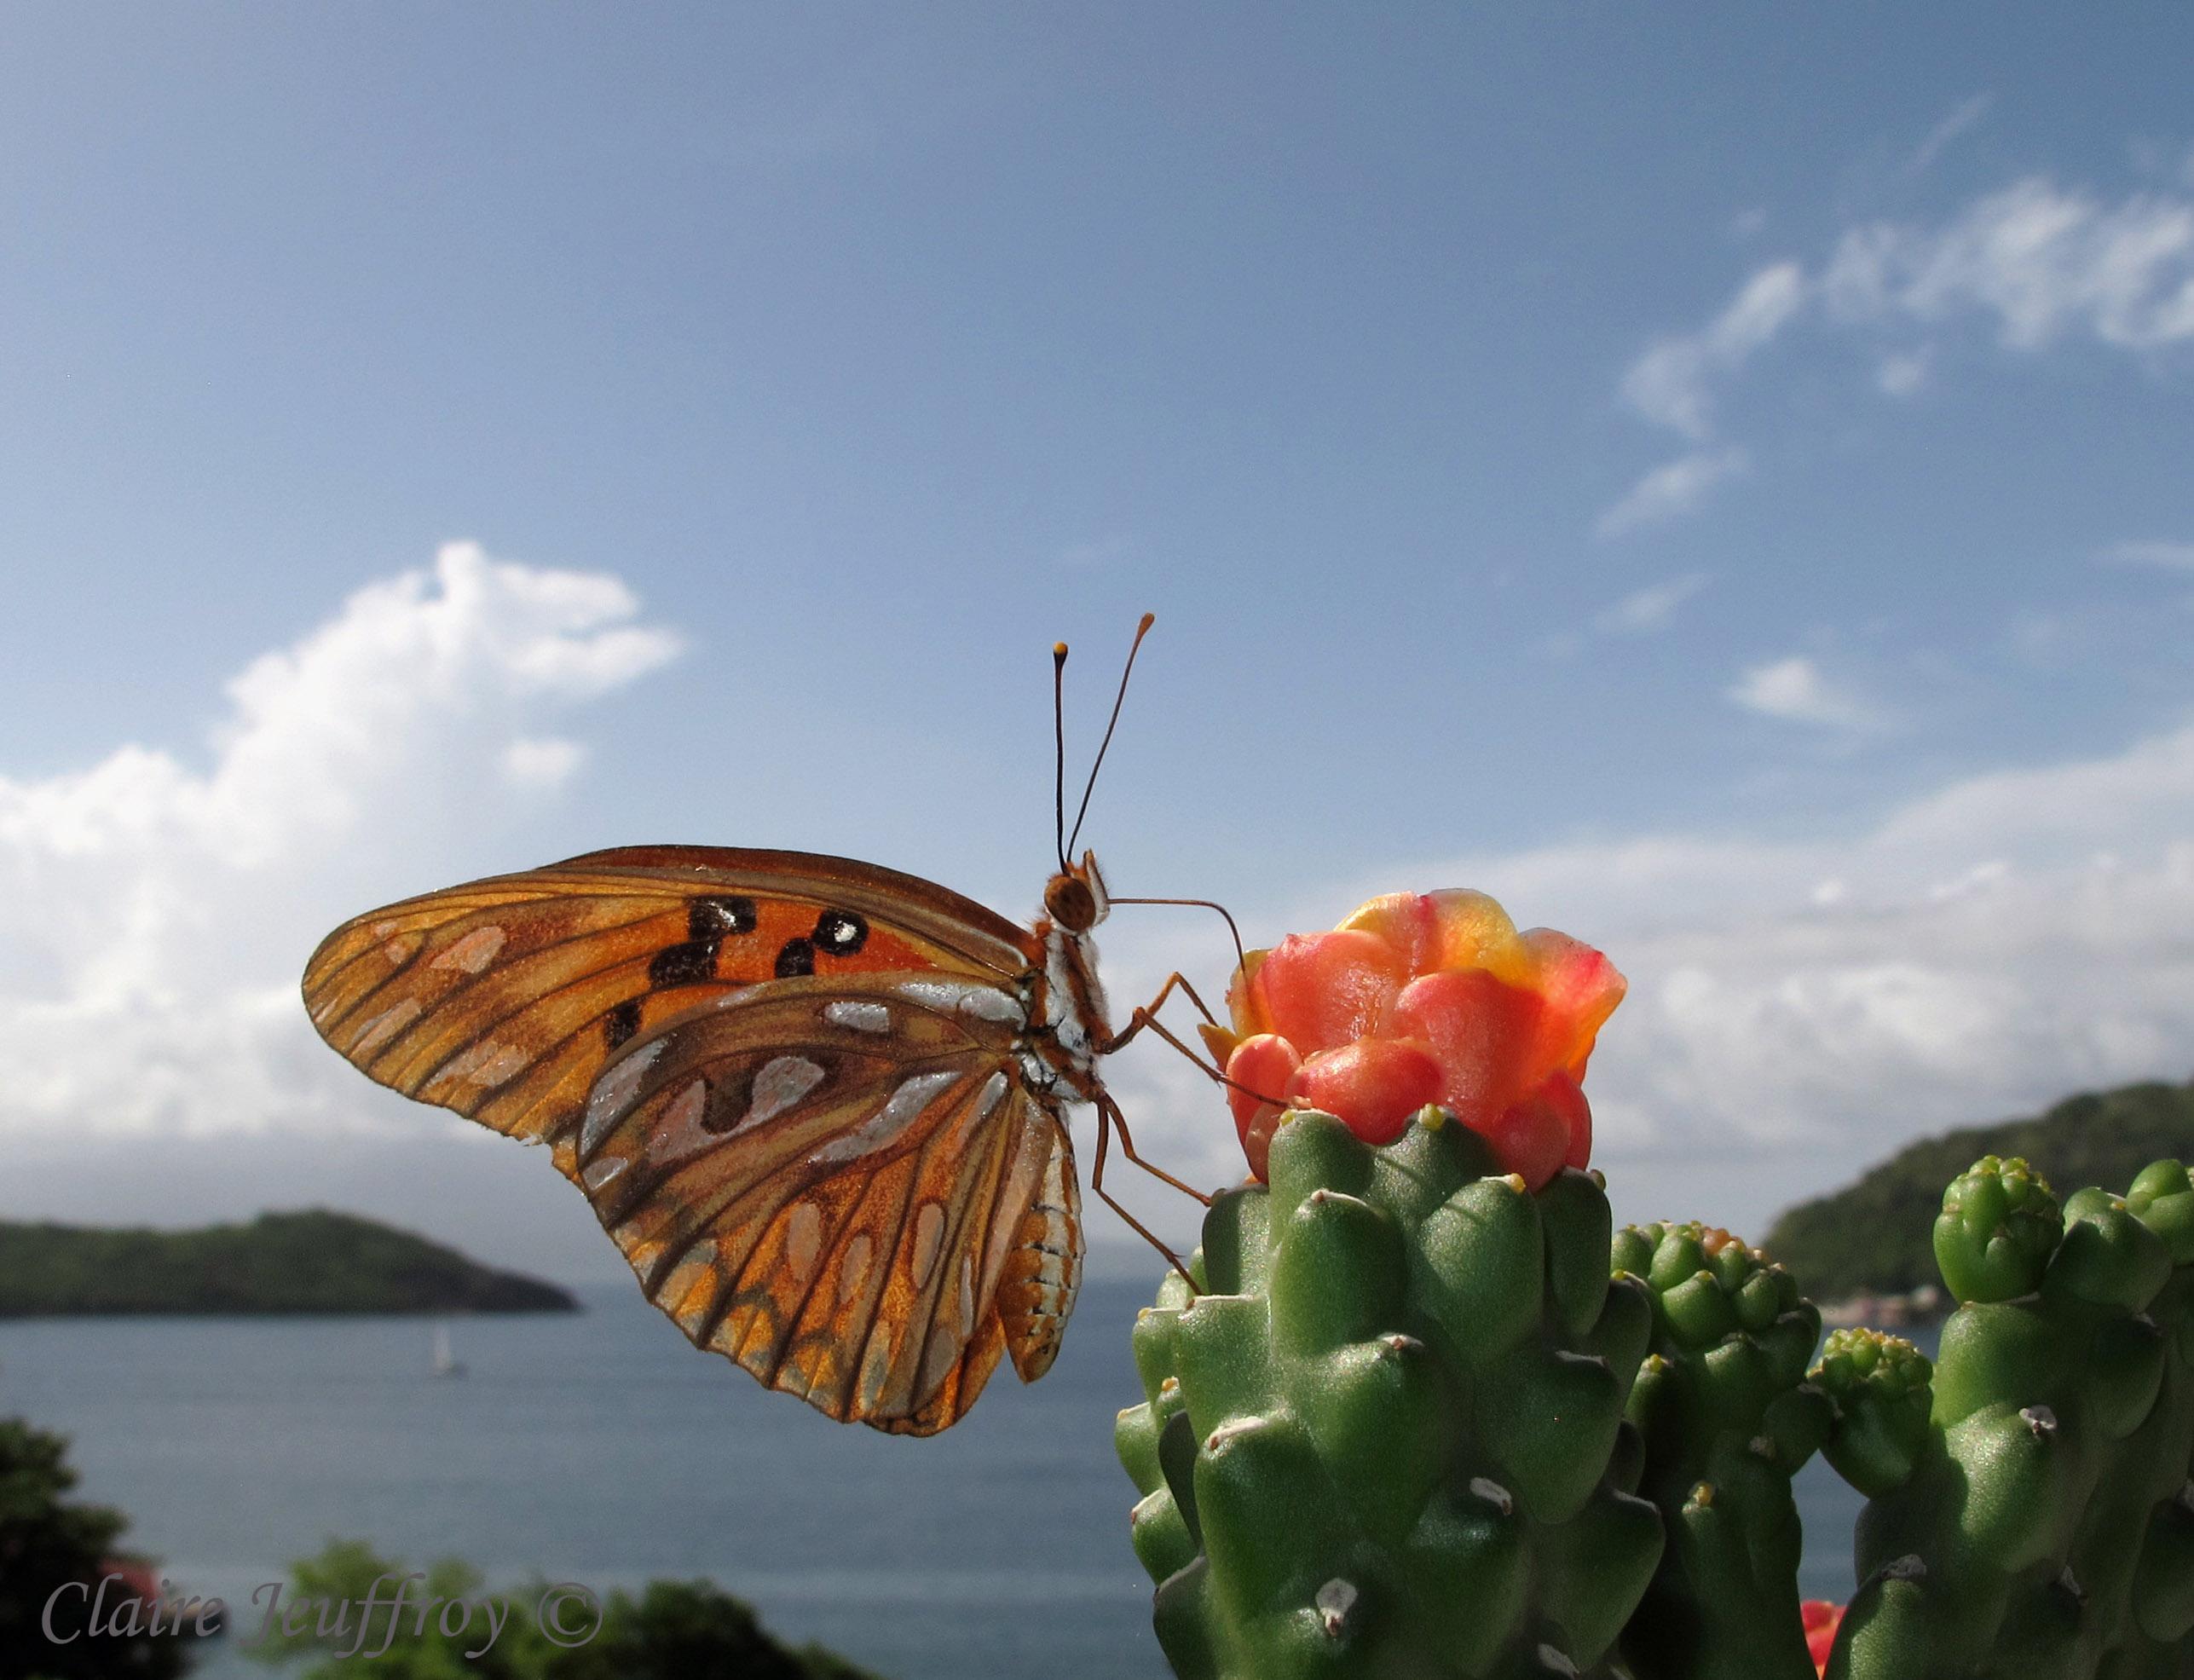 location les saintes Papillons 27 06 10 027